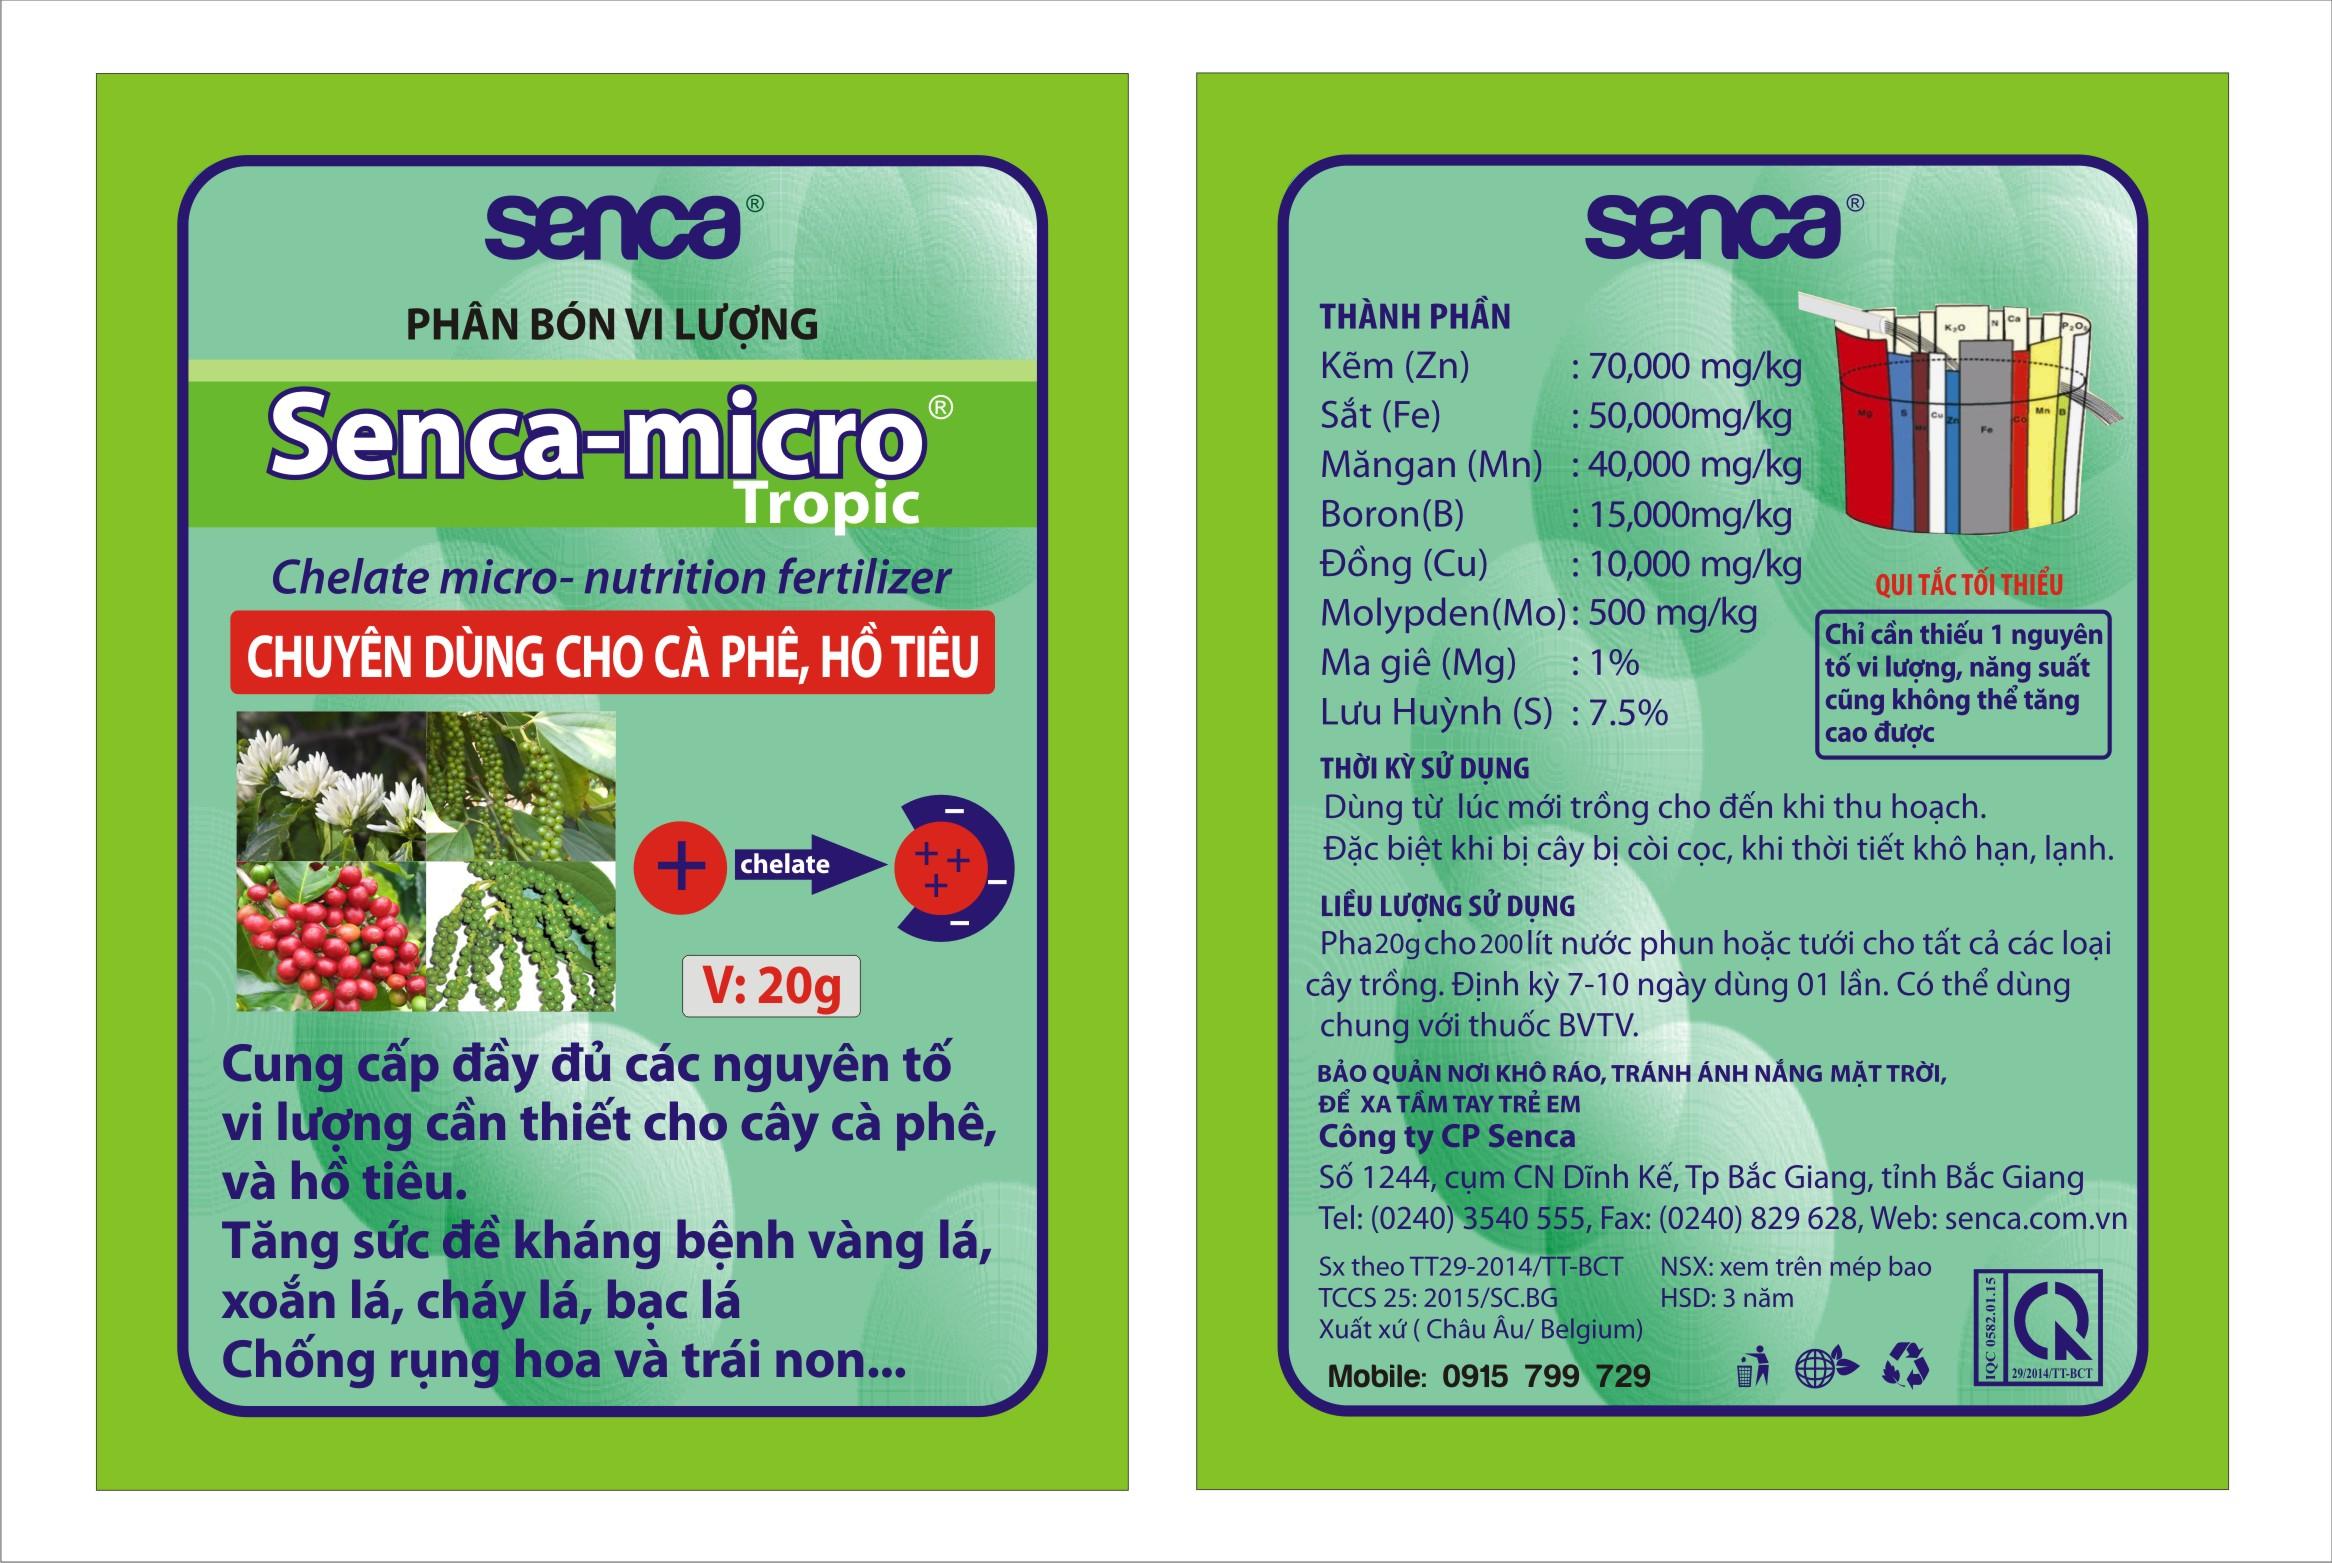 Senca Micro Tropic